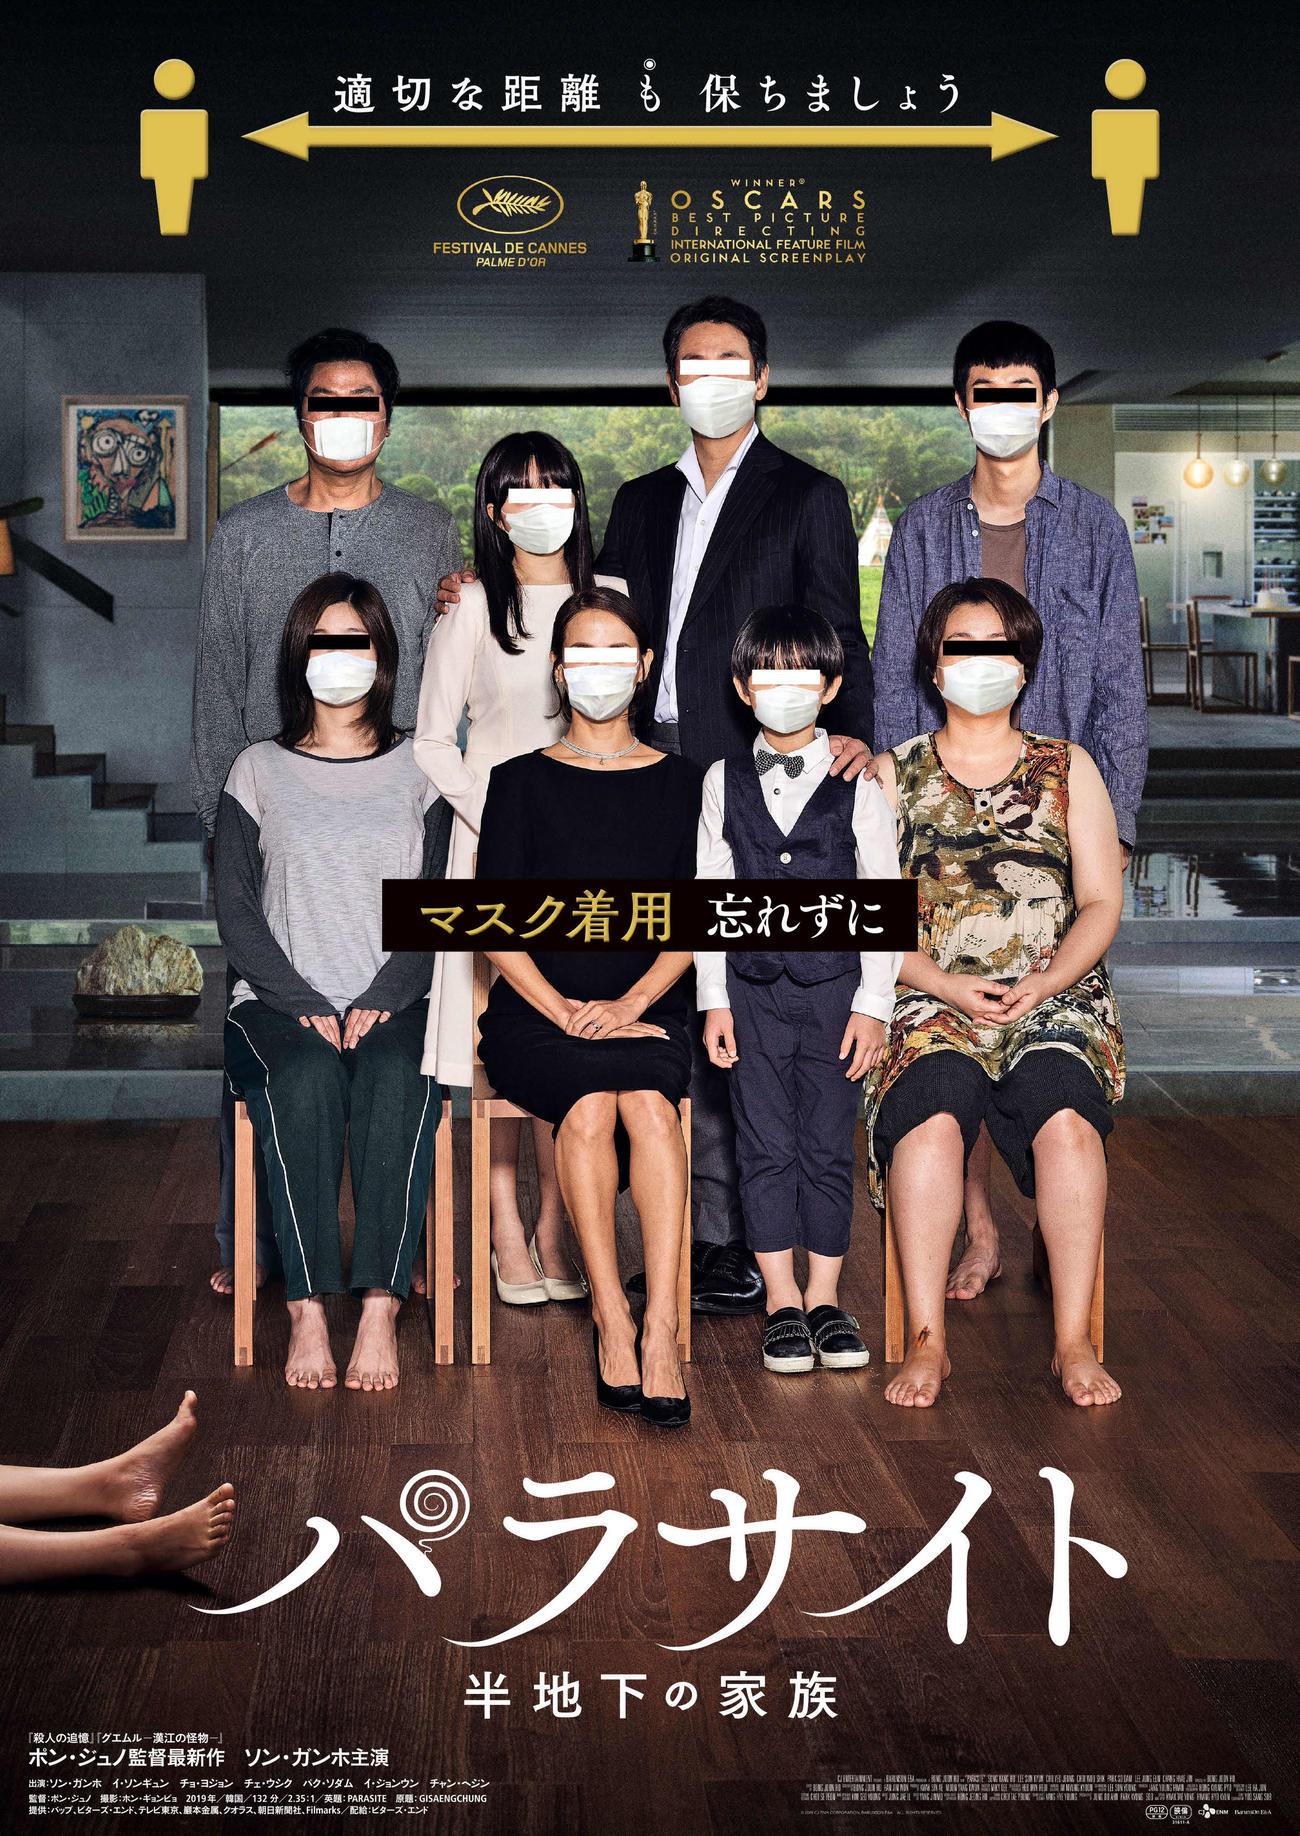 「パラサイト 半地下の家族」の新ビジュアル。新型コロナウイルス感染予防のため、劇場来場者にマスク着用を呼び掛けている